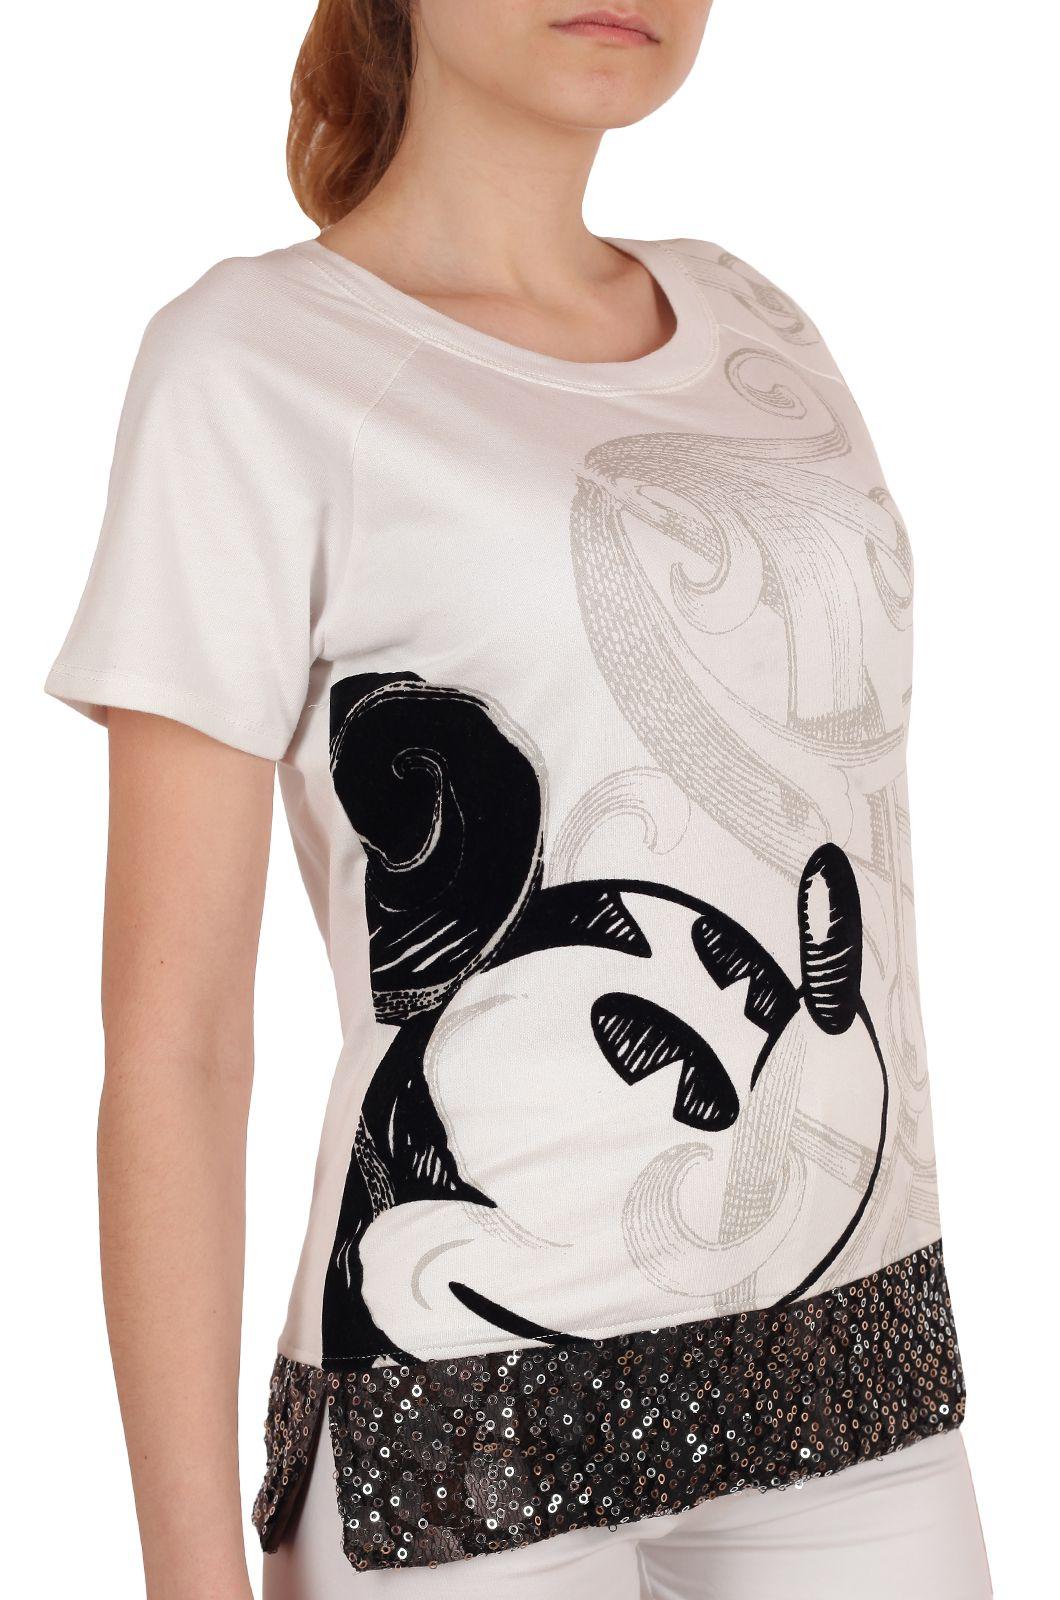 Нарядная футболка от Disney (США) белого цвета